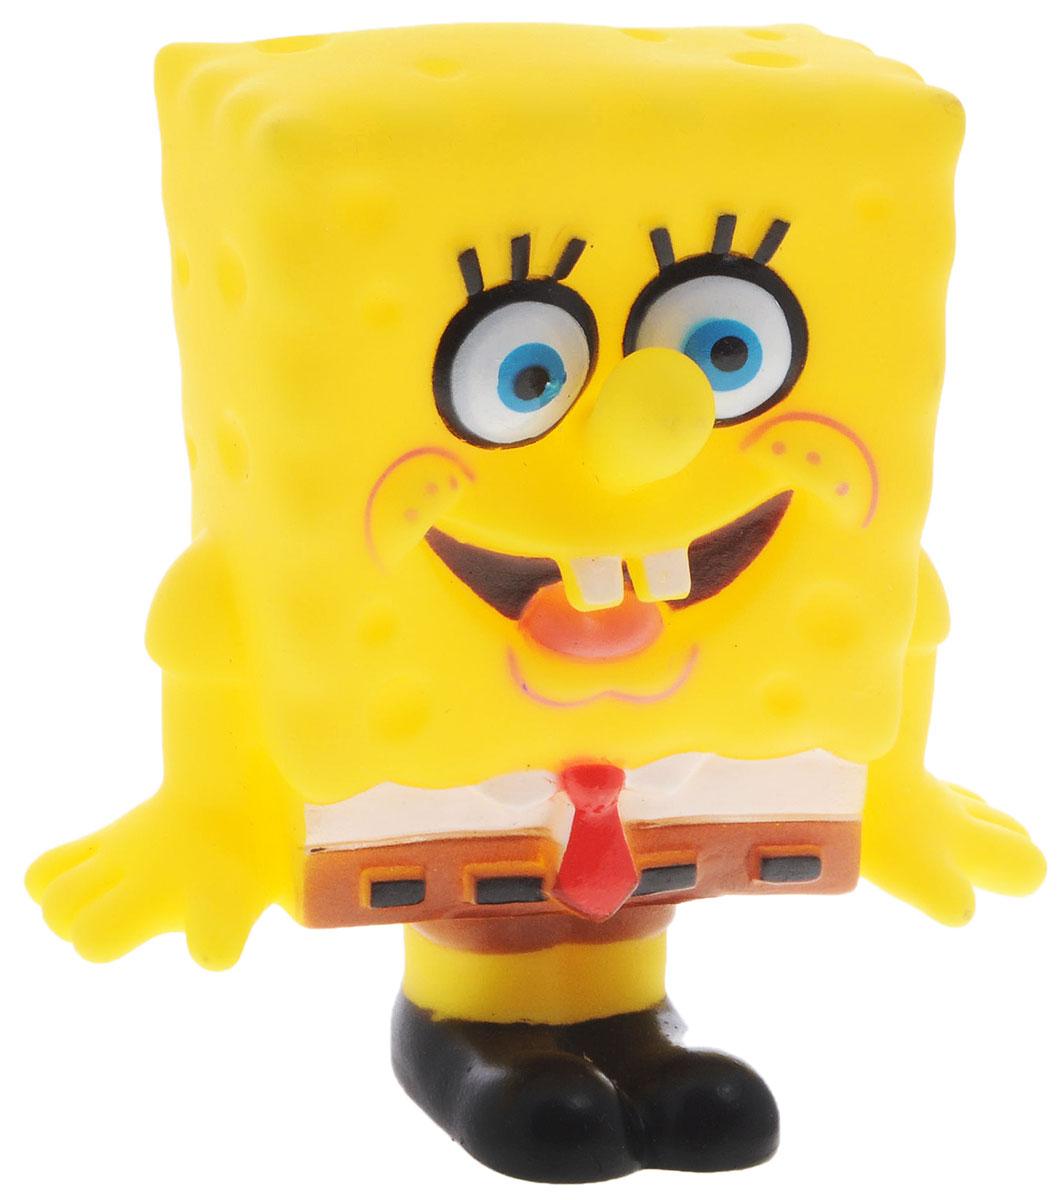 Играем вместе Игрушка для ванной Губка Боб11RИгрушка для ванной Играем вместе Губка Боб понравится вашей крохе и развлечет ее во время купания. Игрушка выполнена из безопасного материала в виде Губки Боба. Размер игрушки идеален для маленьких ручек малыша. Если сжать ее во время купания в ванной, игрушка начинает брызгаться водой, а при нажатии раздается забавный писк. Игрушка способствует развитию воображения, цветового восприятия, тактильных ощущений и мелкой моторики рук.